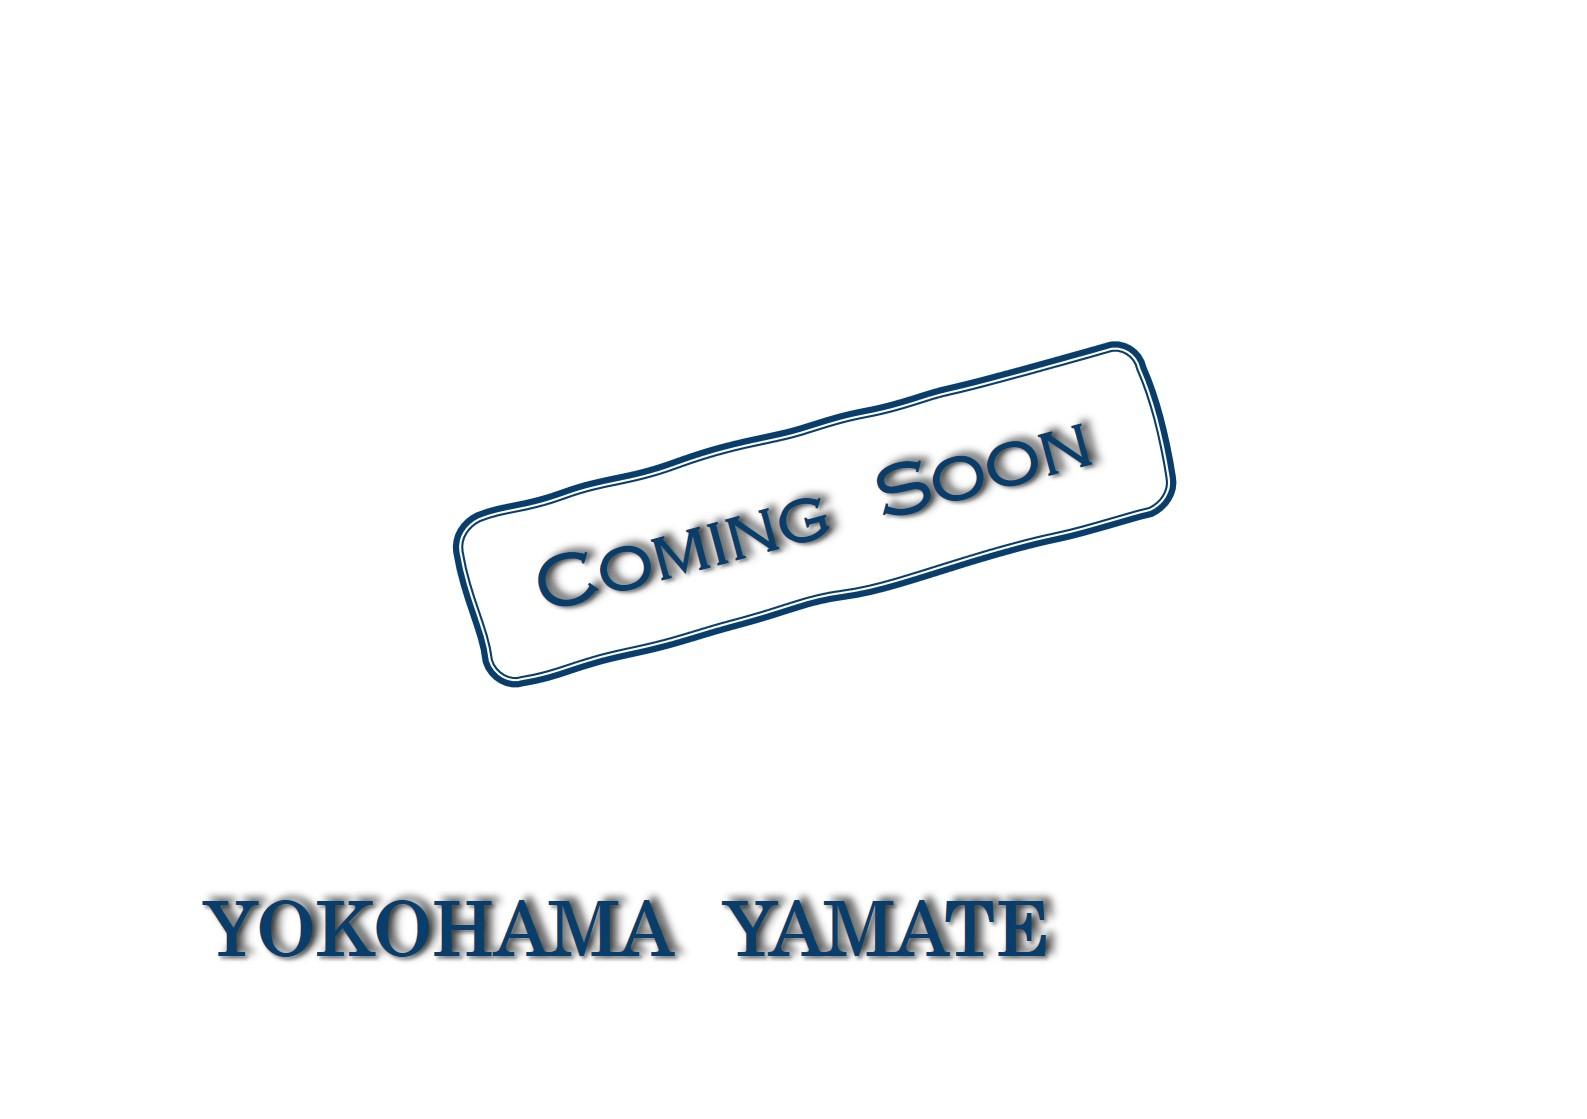 YOKOHAMA YAMATE